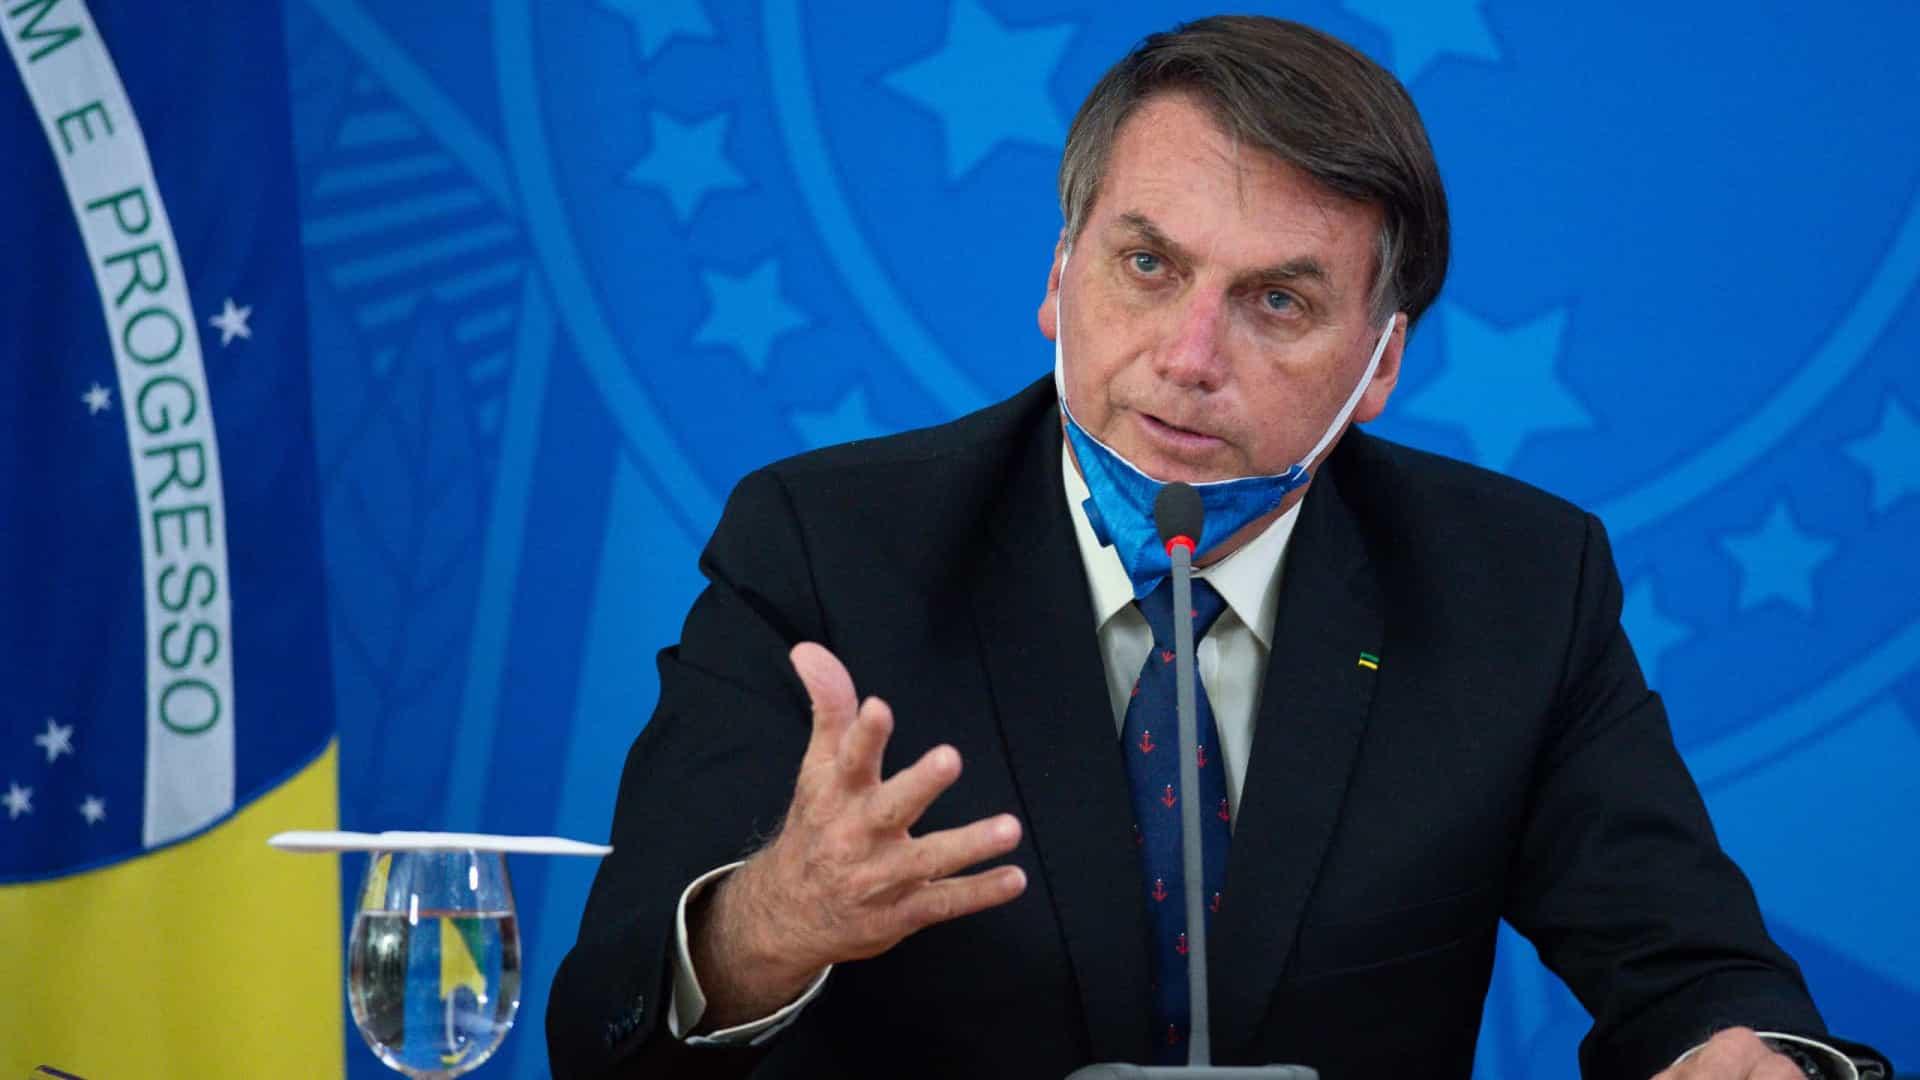 naom 5fb235ea03722 - PRESENTE INUSITADO AO PAÍS: Em seu aniversário de 66 anos, Bolsonaro promove ações do governo contra a covid